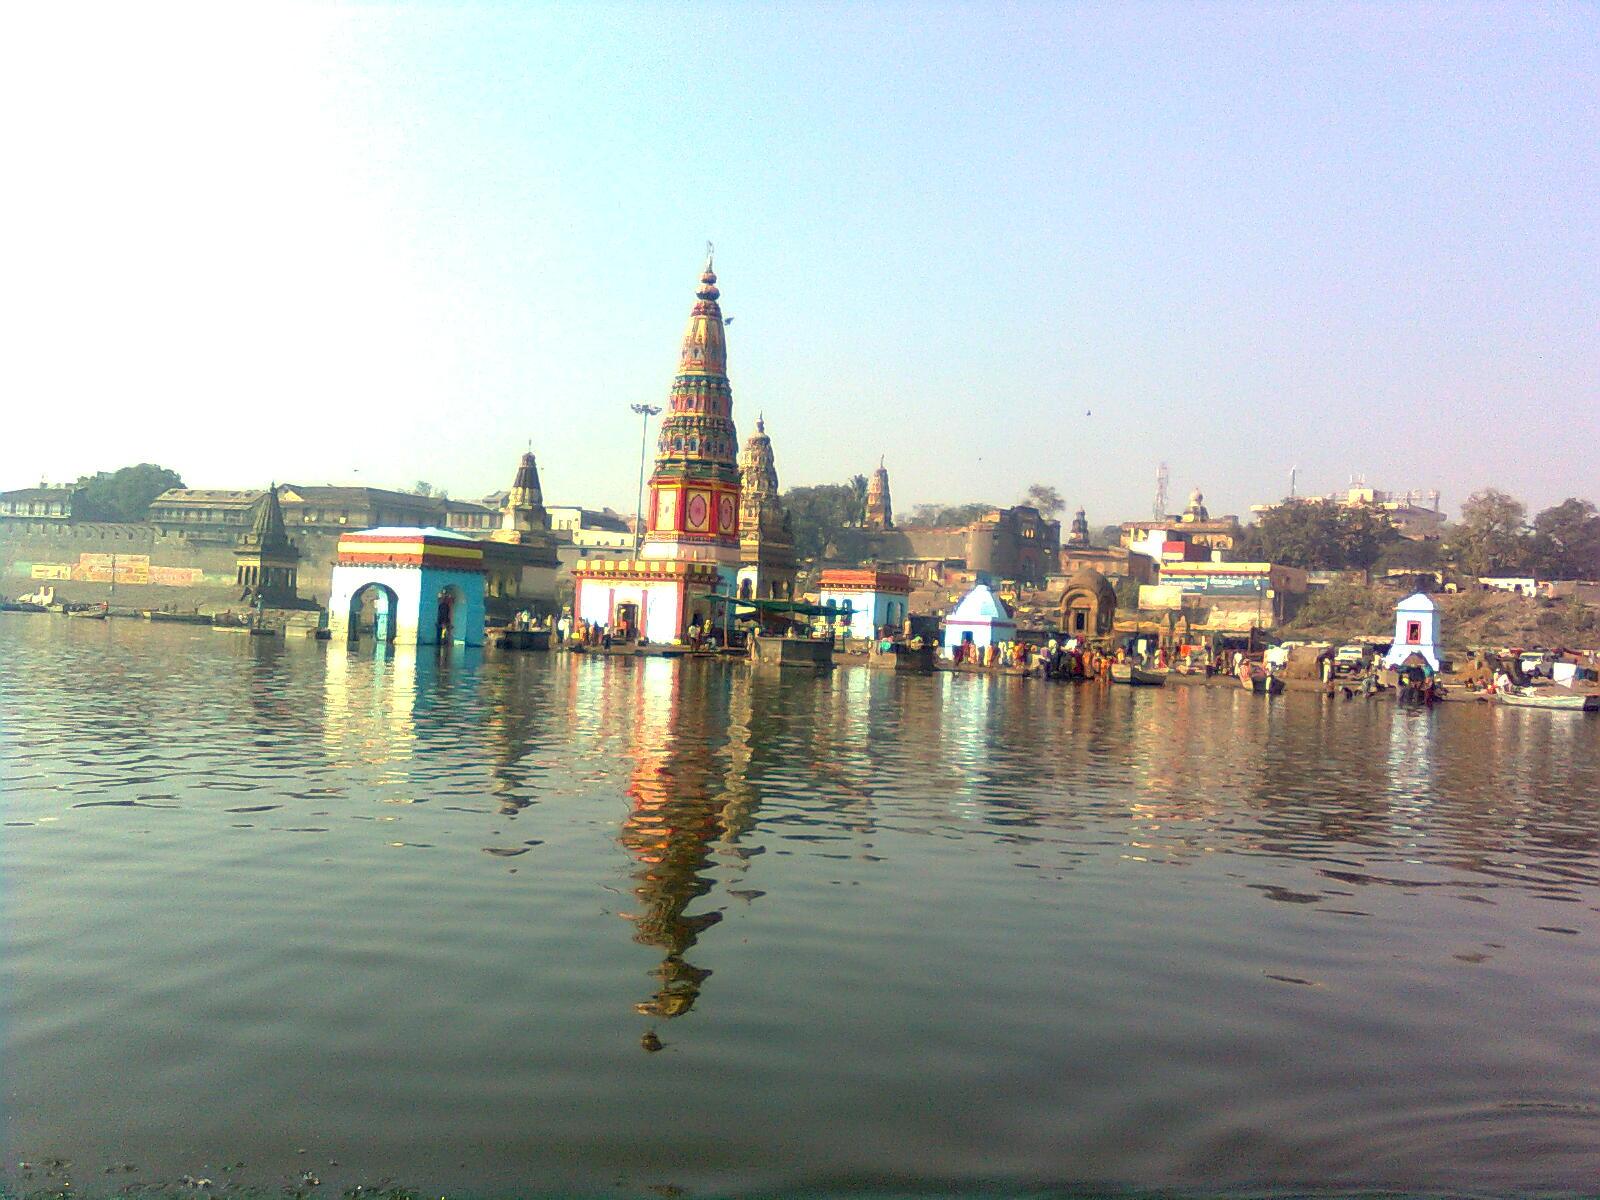 Pandharpur Image